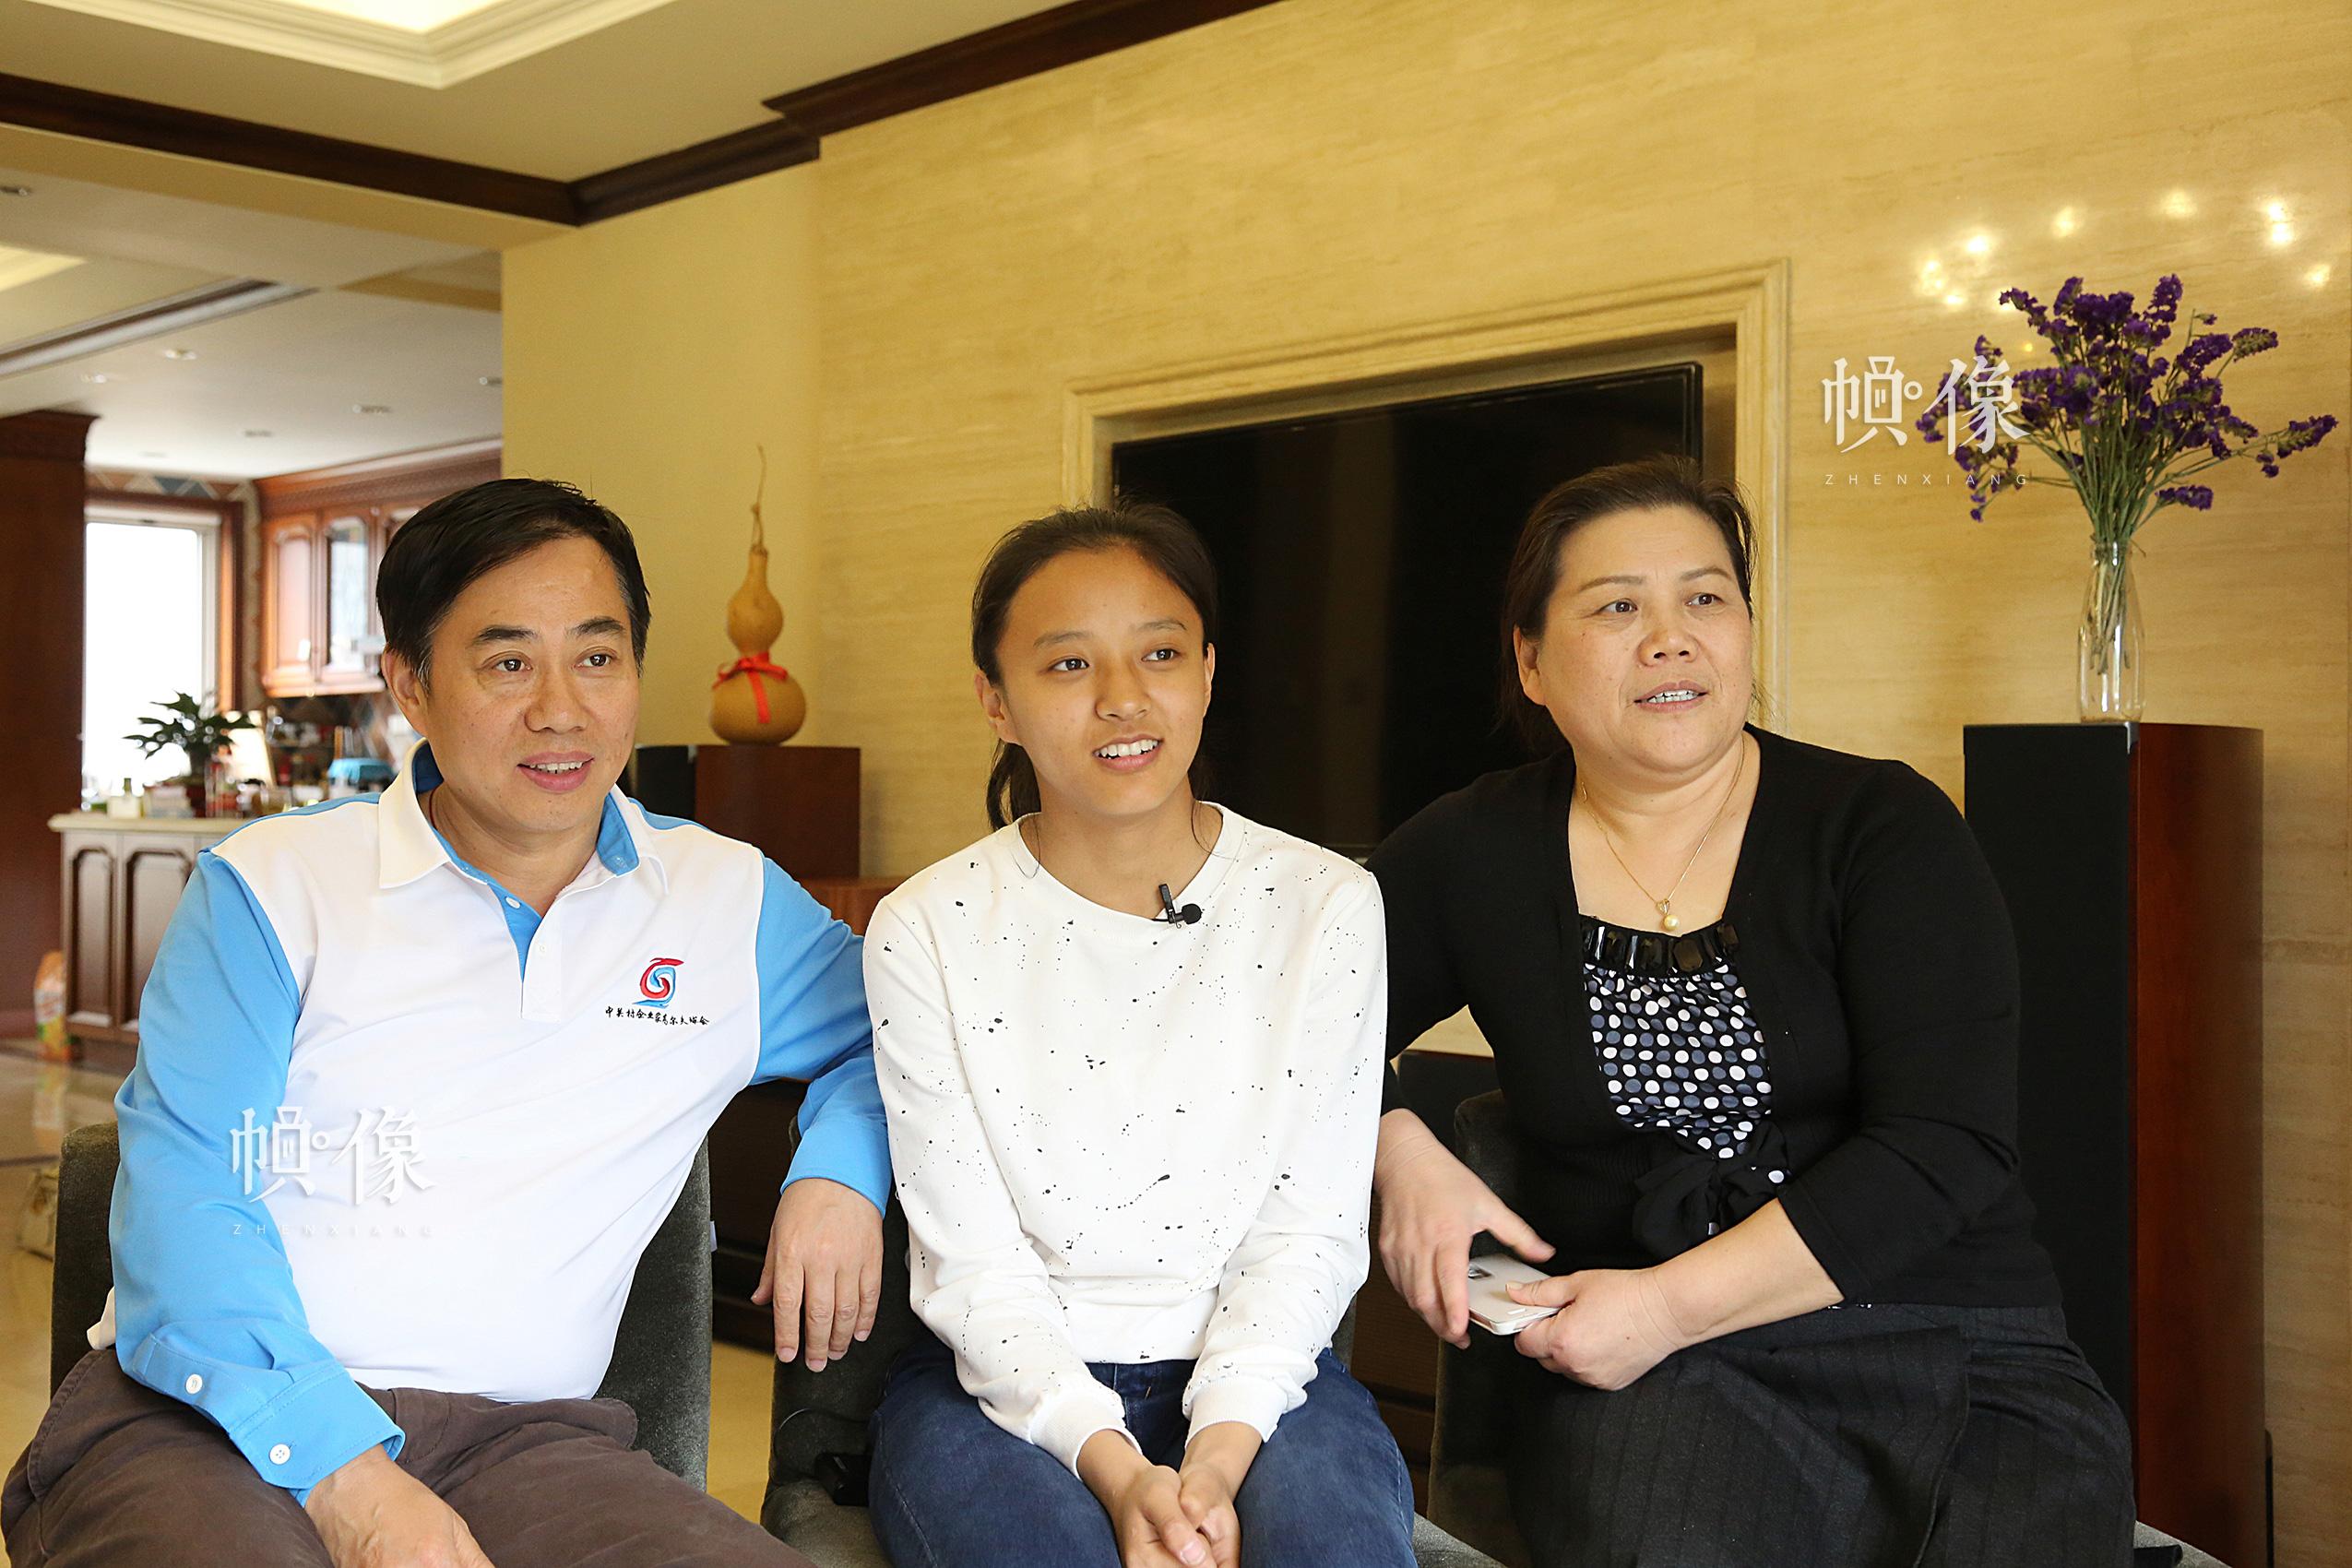 2017年4月8日,德乾尕毛与北京助养家庭父母在家中接受采访。中国网记者 黄富友 摄